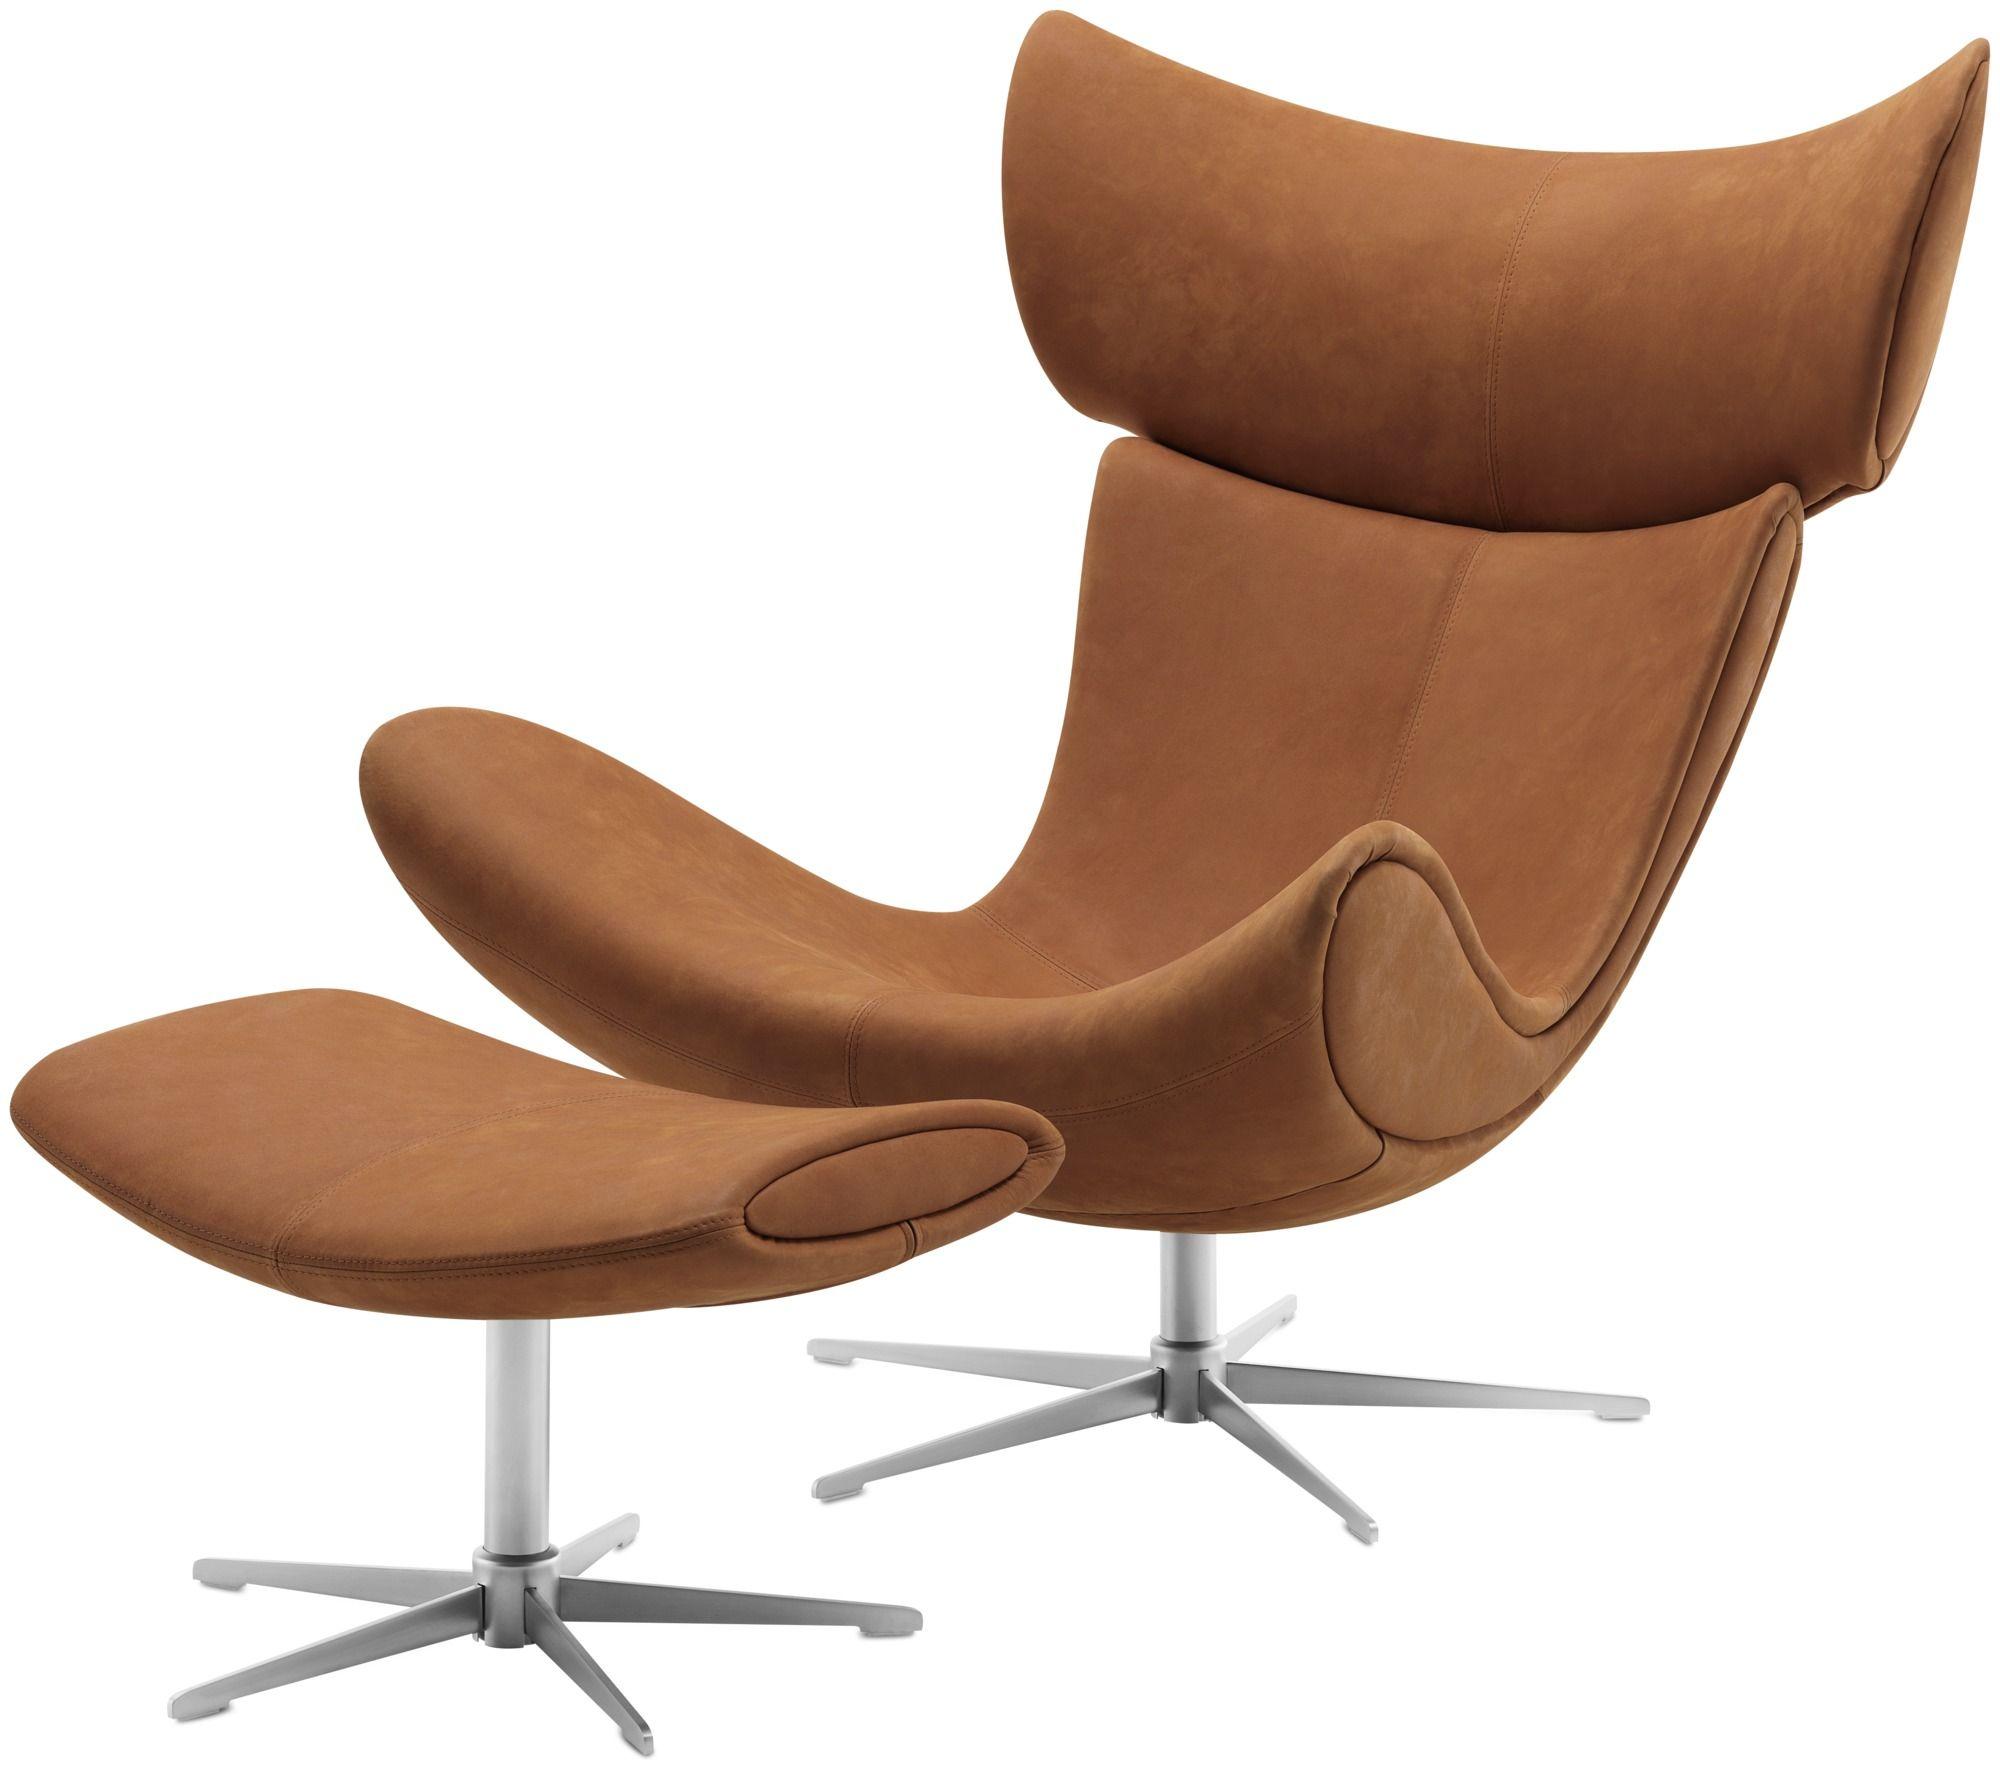 BoConcept®, Imola   Wohnzimmer sessel, Sessel, Moderne sessel